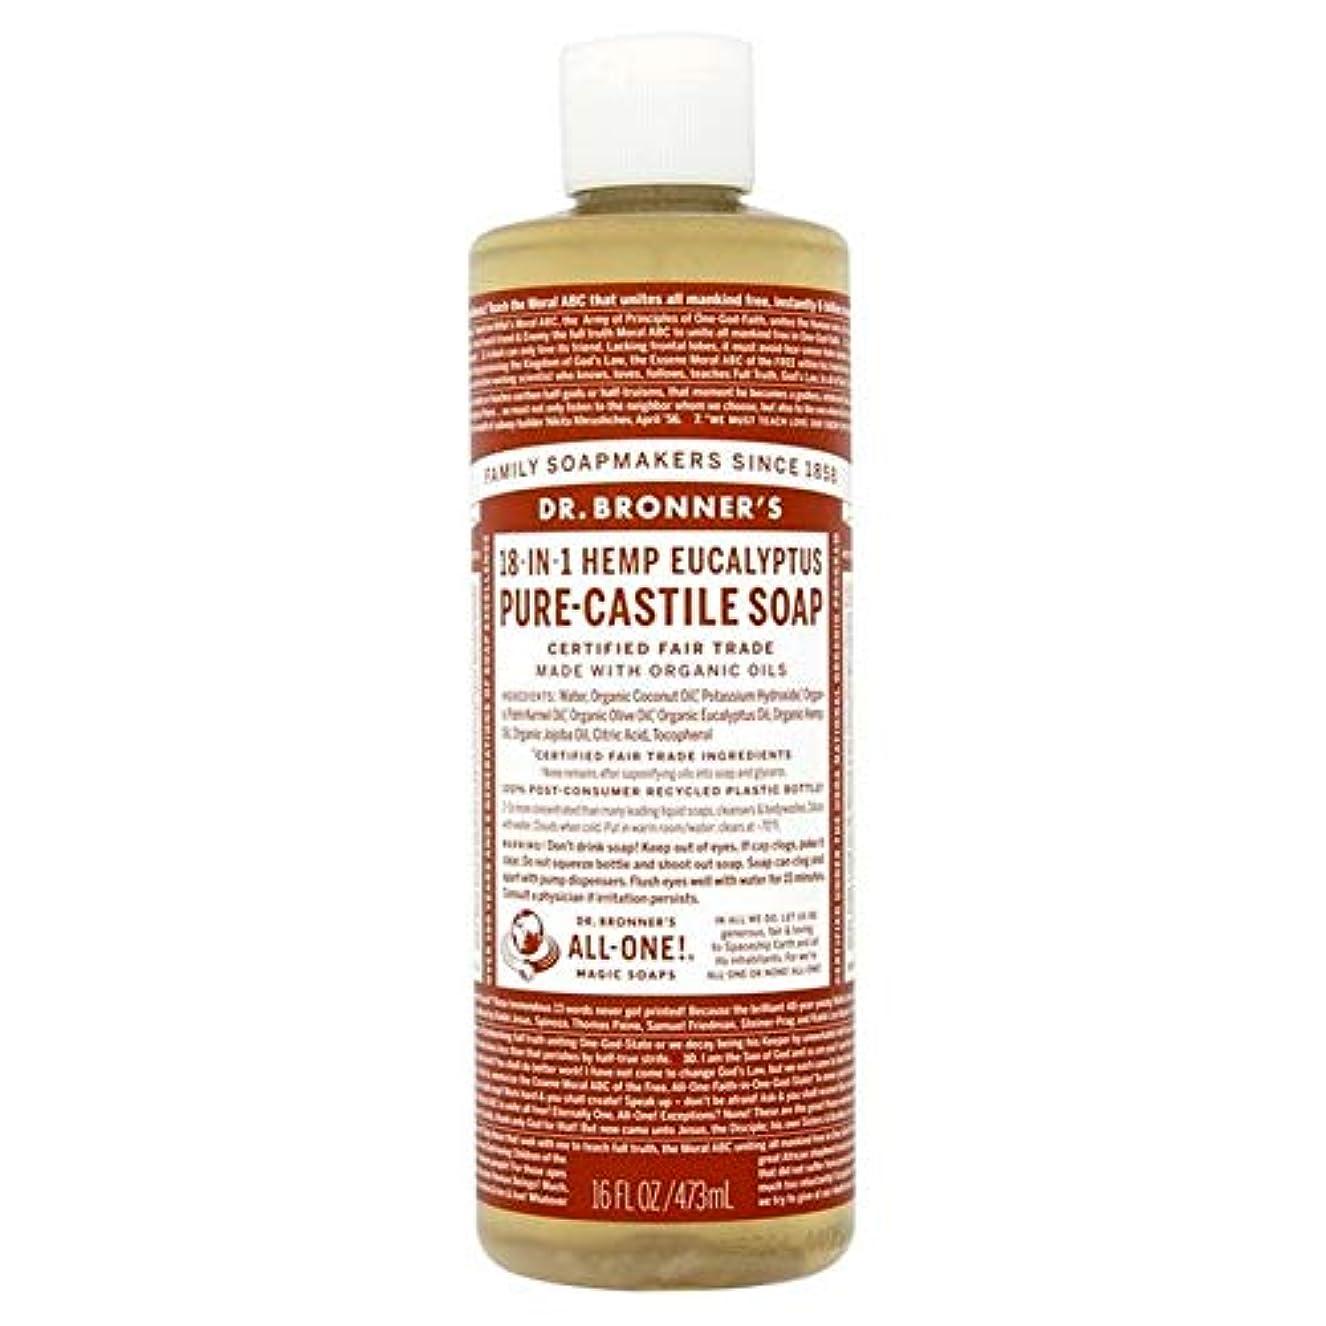 ラップ決定的賄賂[Dr Bronner] Dr。ブロナーズ有機ユーカリの純粋な-カスティーリャ液体石鹸473ミリリットル - Dr. Bronner's Organic Eucalyptus Pure-Castille Liquid Soap...